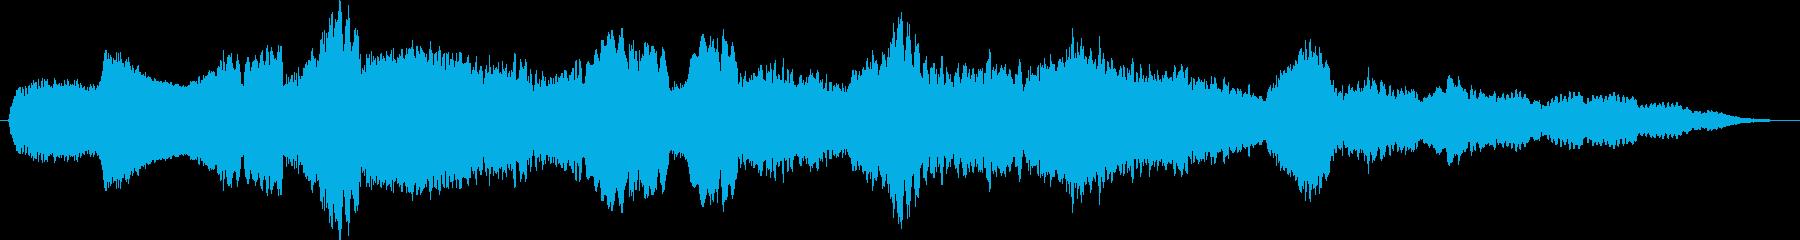 映画オーケストラ/現代楽器。物思い...の再生済みの波形